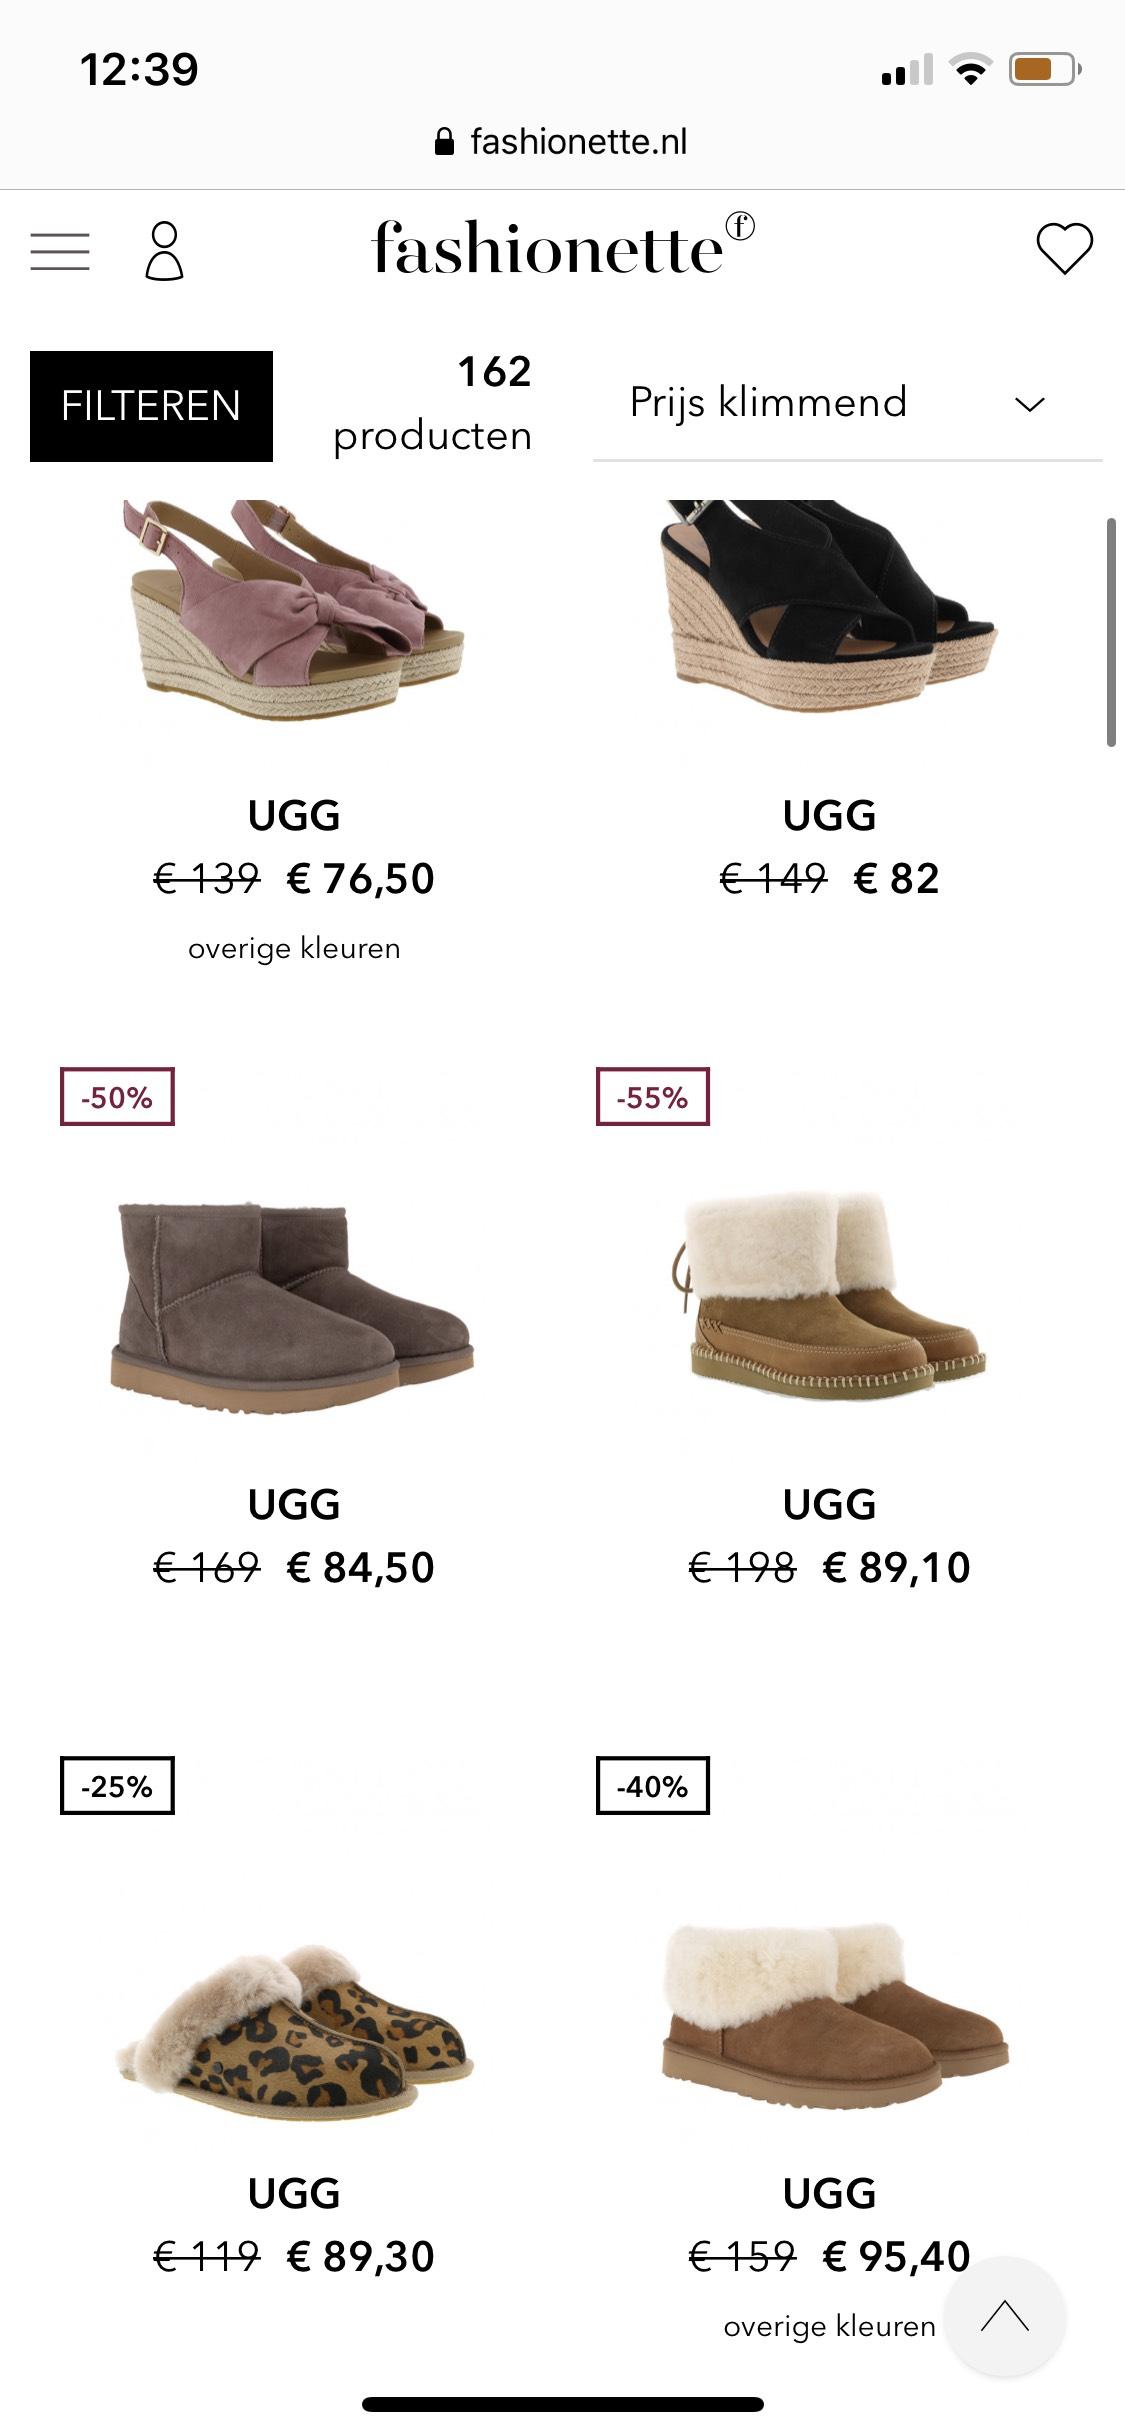 UGG korting tot wel 50%! @ Fashionette.nl